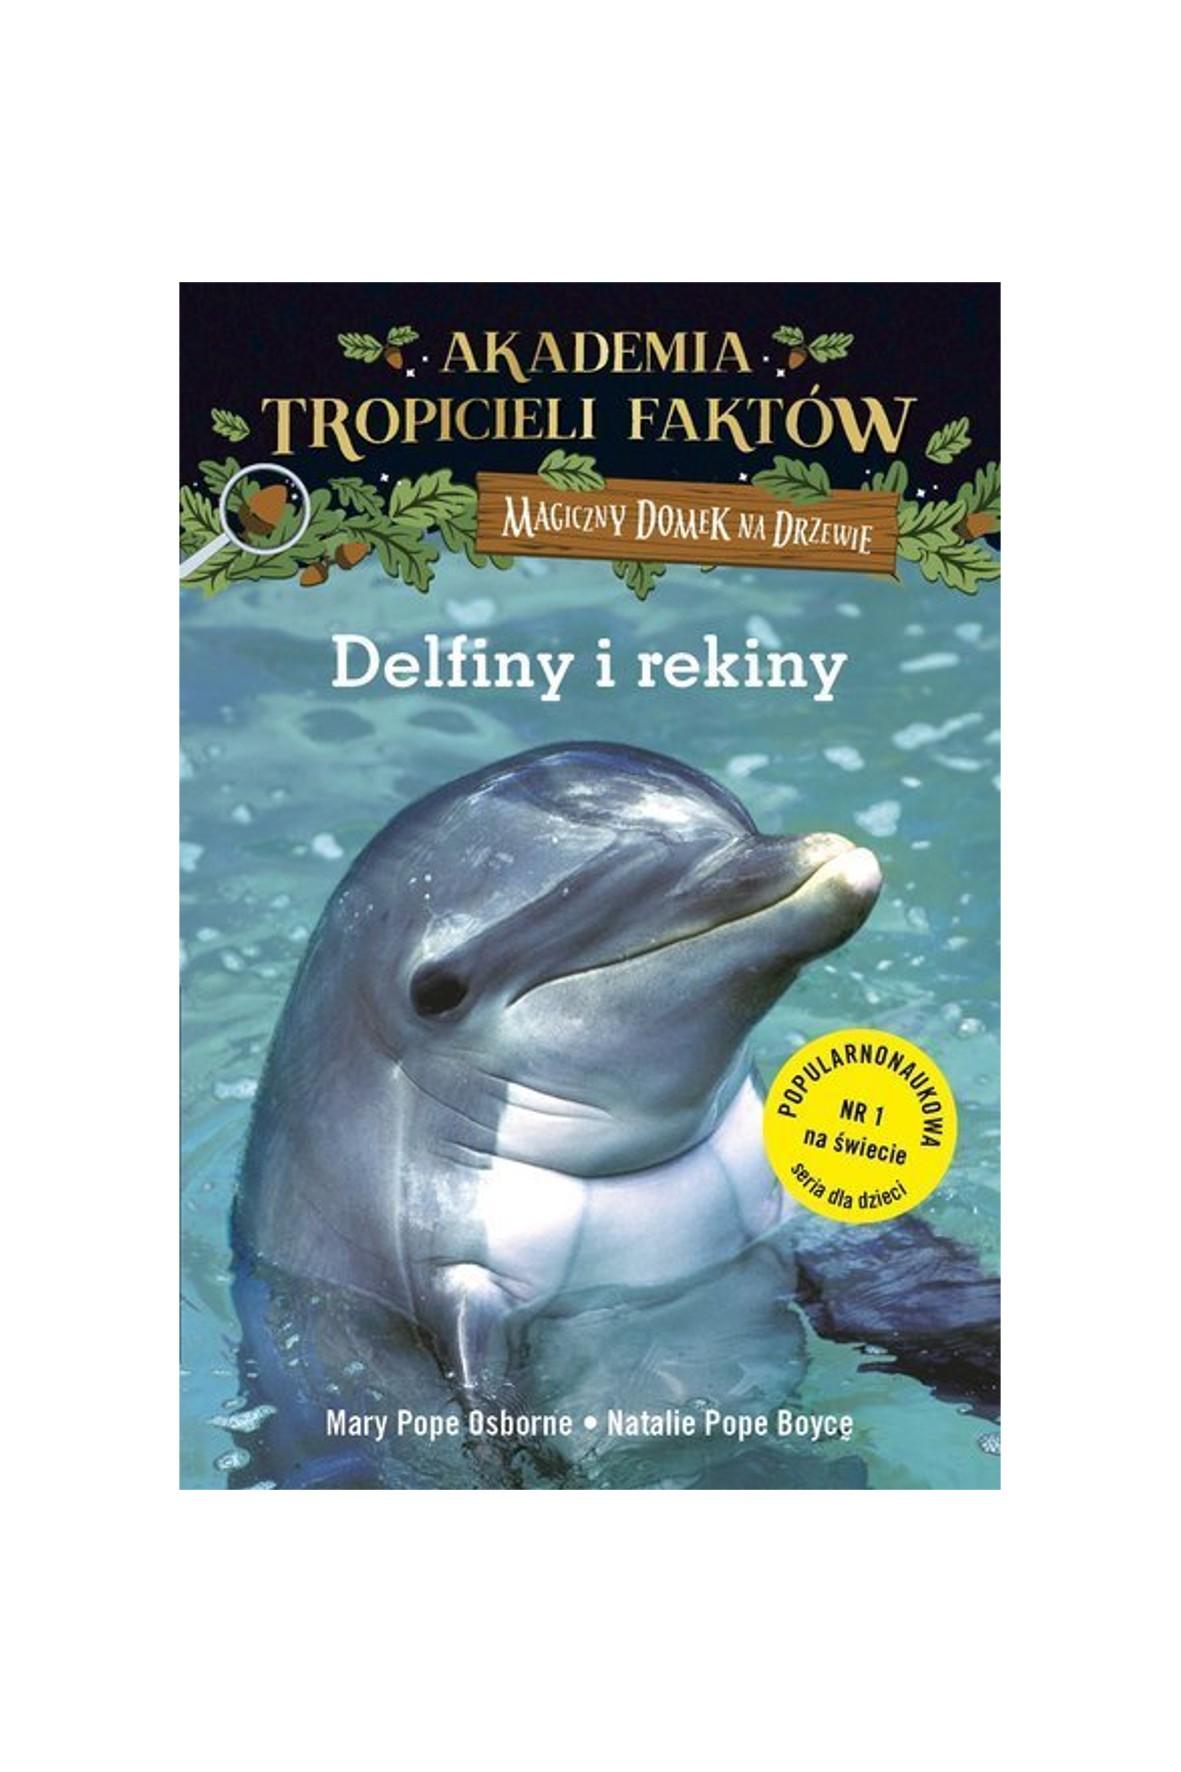 """Książka """"Akademia Tropicieli Faktów. Delfiny i rekiny"""""""